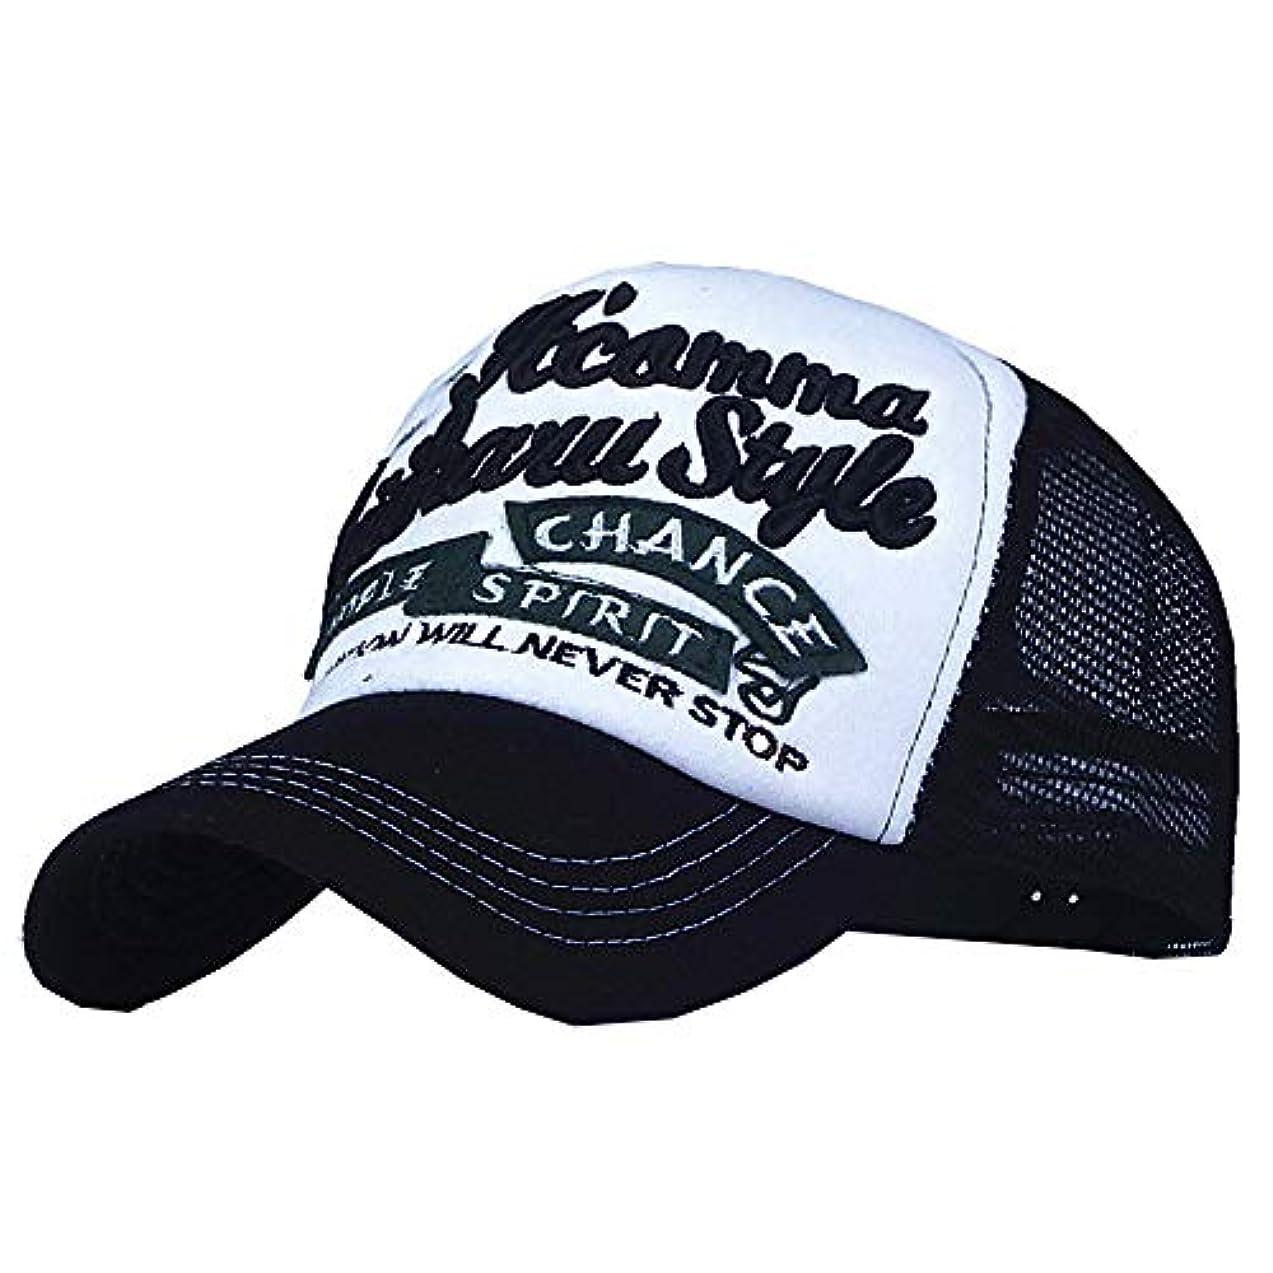 誘惑するカレッジラッカスRacazing パッチワーク 野球帽 ヒップホップ メンズ 夏 登山 帽子メッシュ 可調整可能 プラスベルベット 棒球帽 UV 帽子 軽量 屋外 Unisex 鸭舌帽 Hat Cap